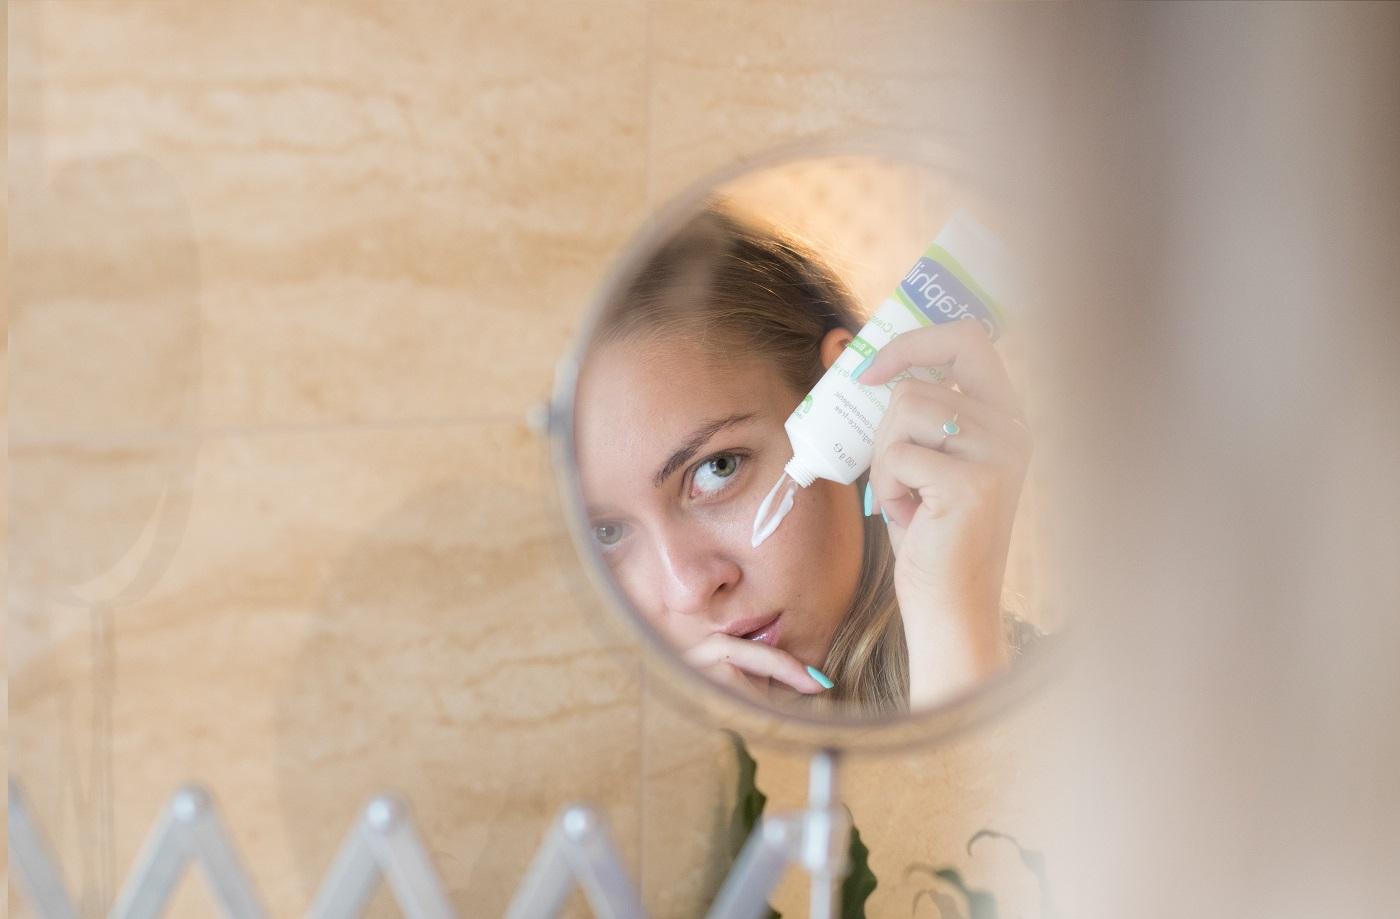 hogyan kell kezelni a pustuláris pikkelysömör hónalj vörös foltok hogyan kell kezelni